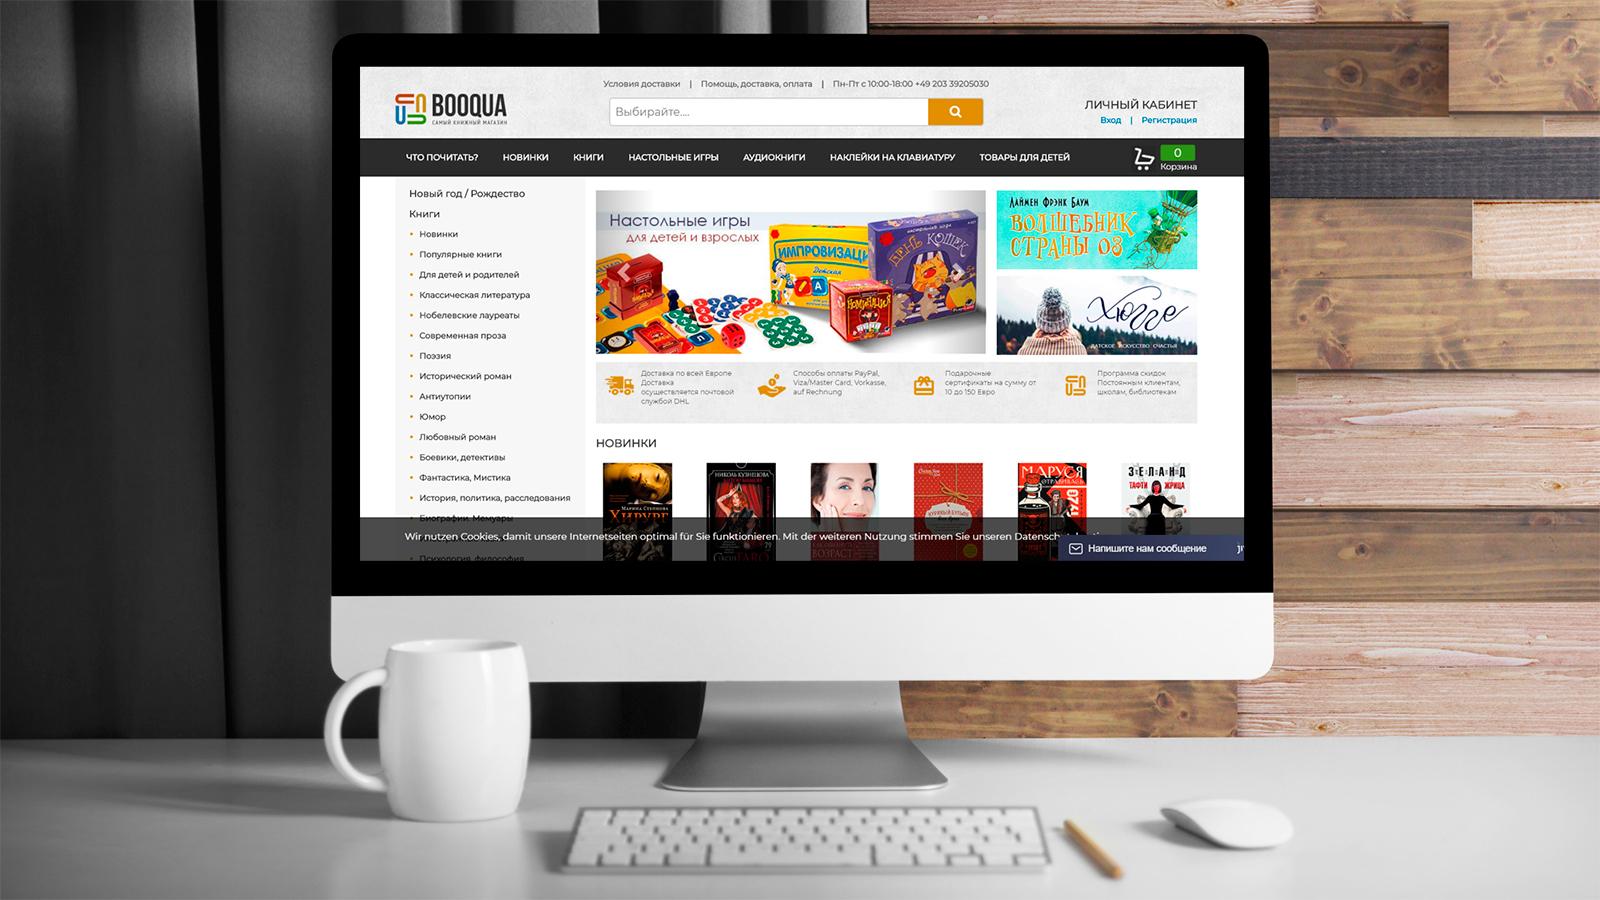 booqua.de - Интернет магазин